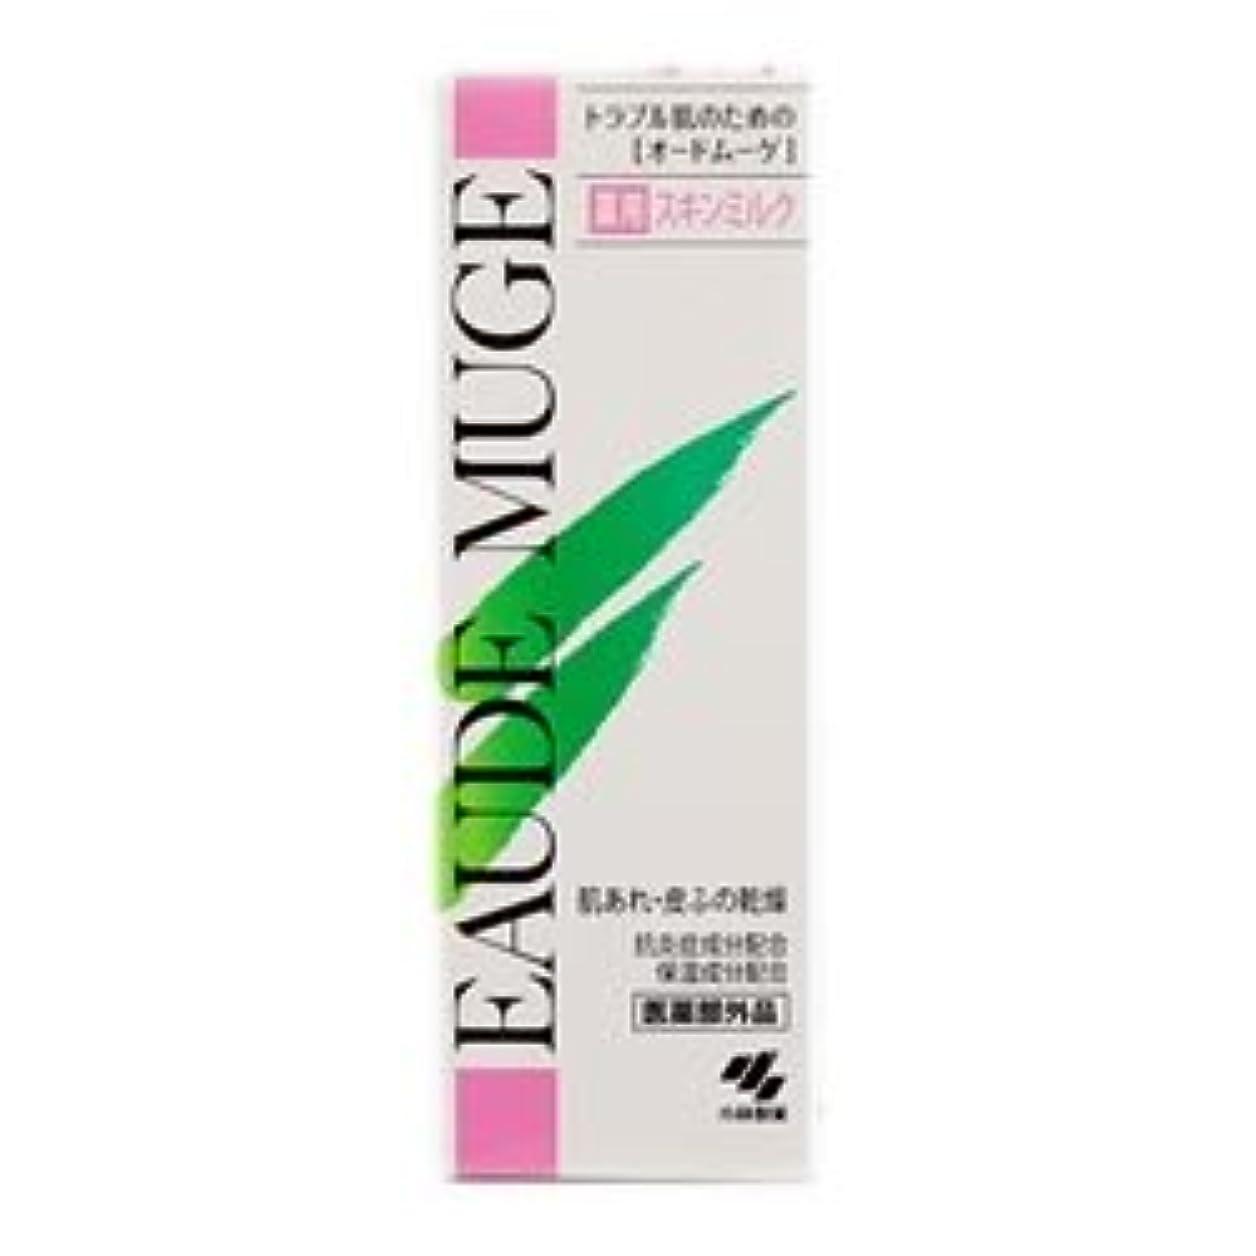 長々とリマーク生き返らせる【小林製薬】オードムーゲ薬用スキンミルク 100g ×3個セット